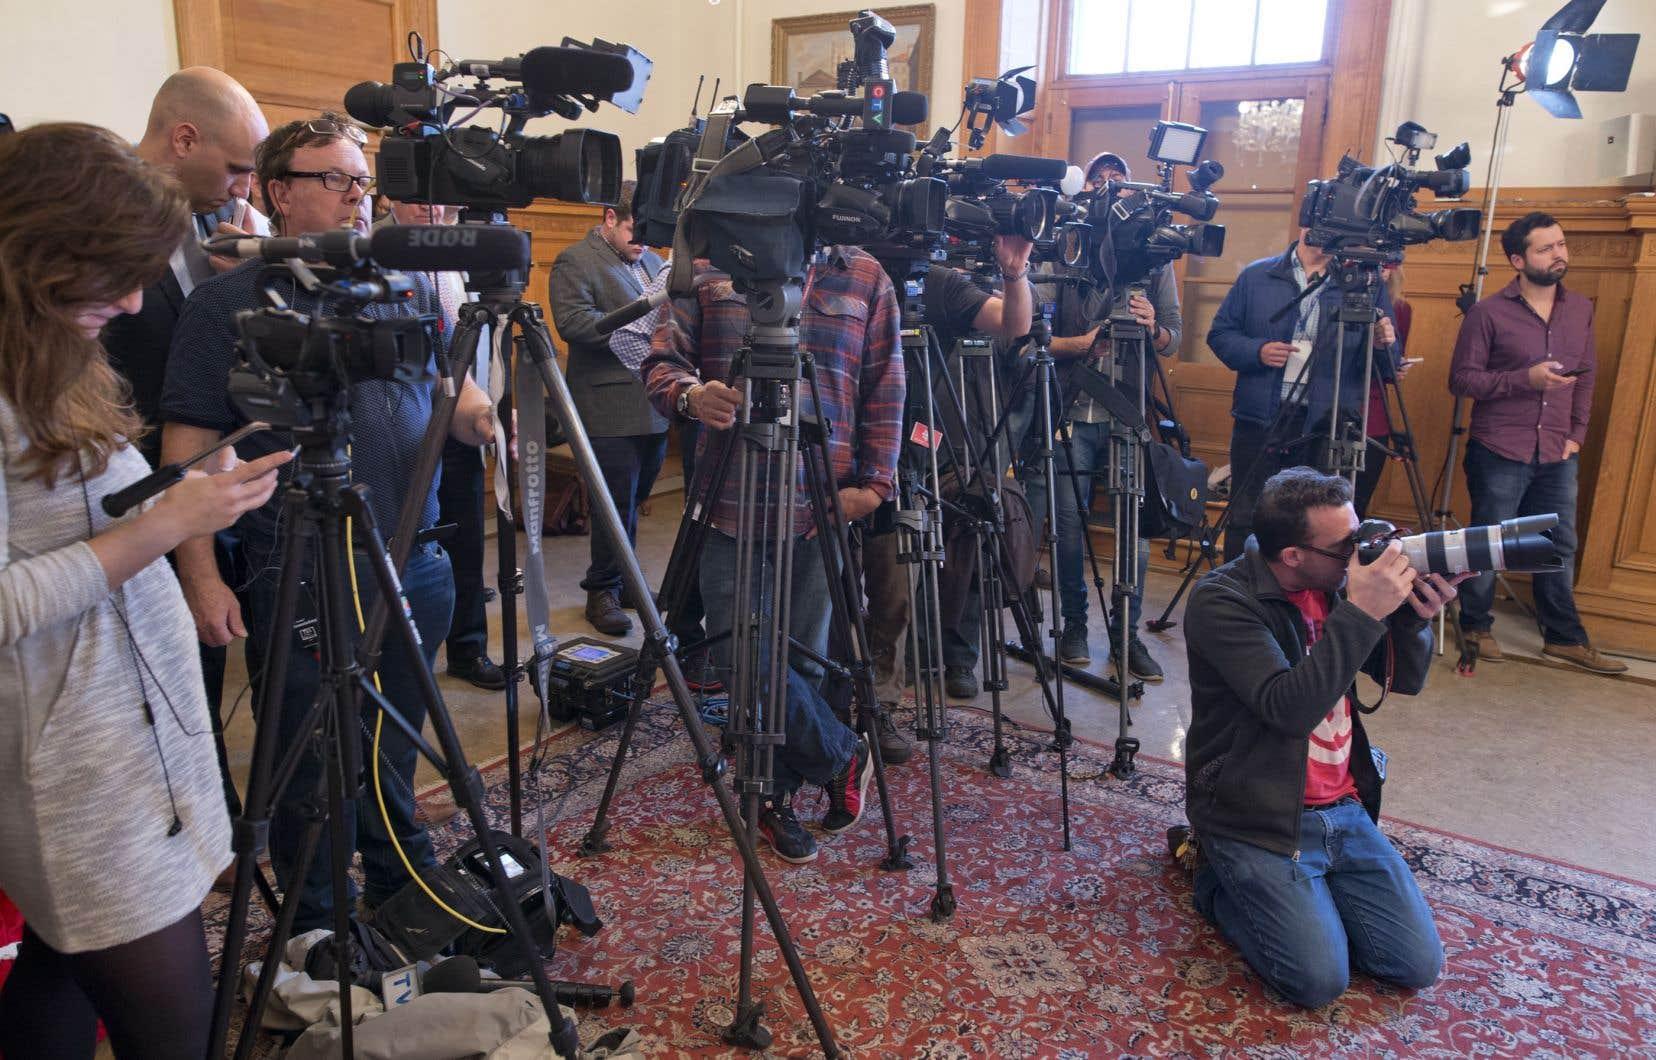 La notion de collaboration — médiatique et gouvernementale — apparaît comme une piste de solution efficace contre la désinformation et les menaces étrangères sur le processus électoral.